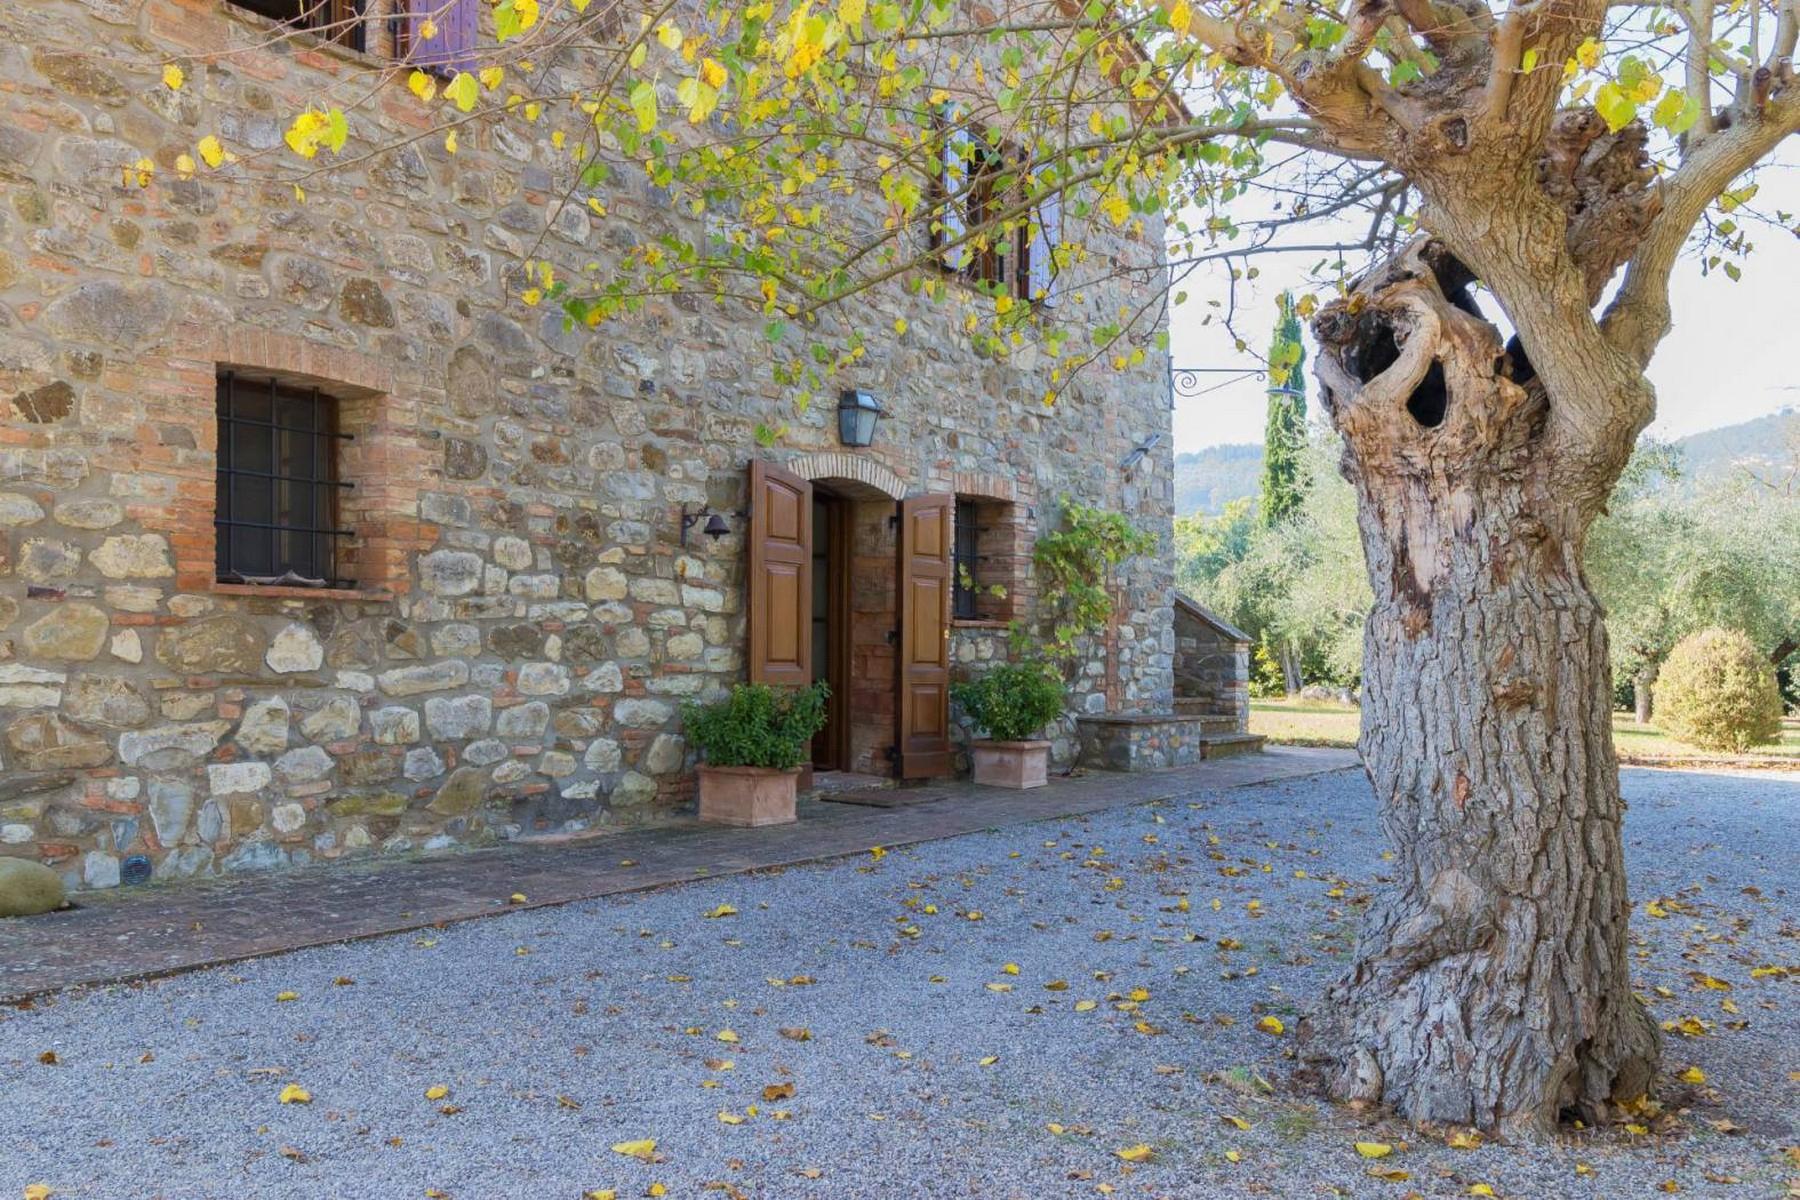 Rustico in Vendita a San Casciano Dei Bagni: 5 locali, 350 mq - Foto 5